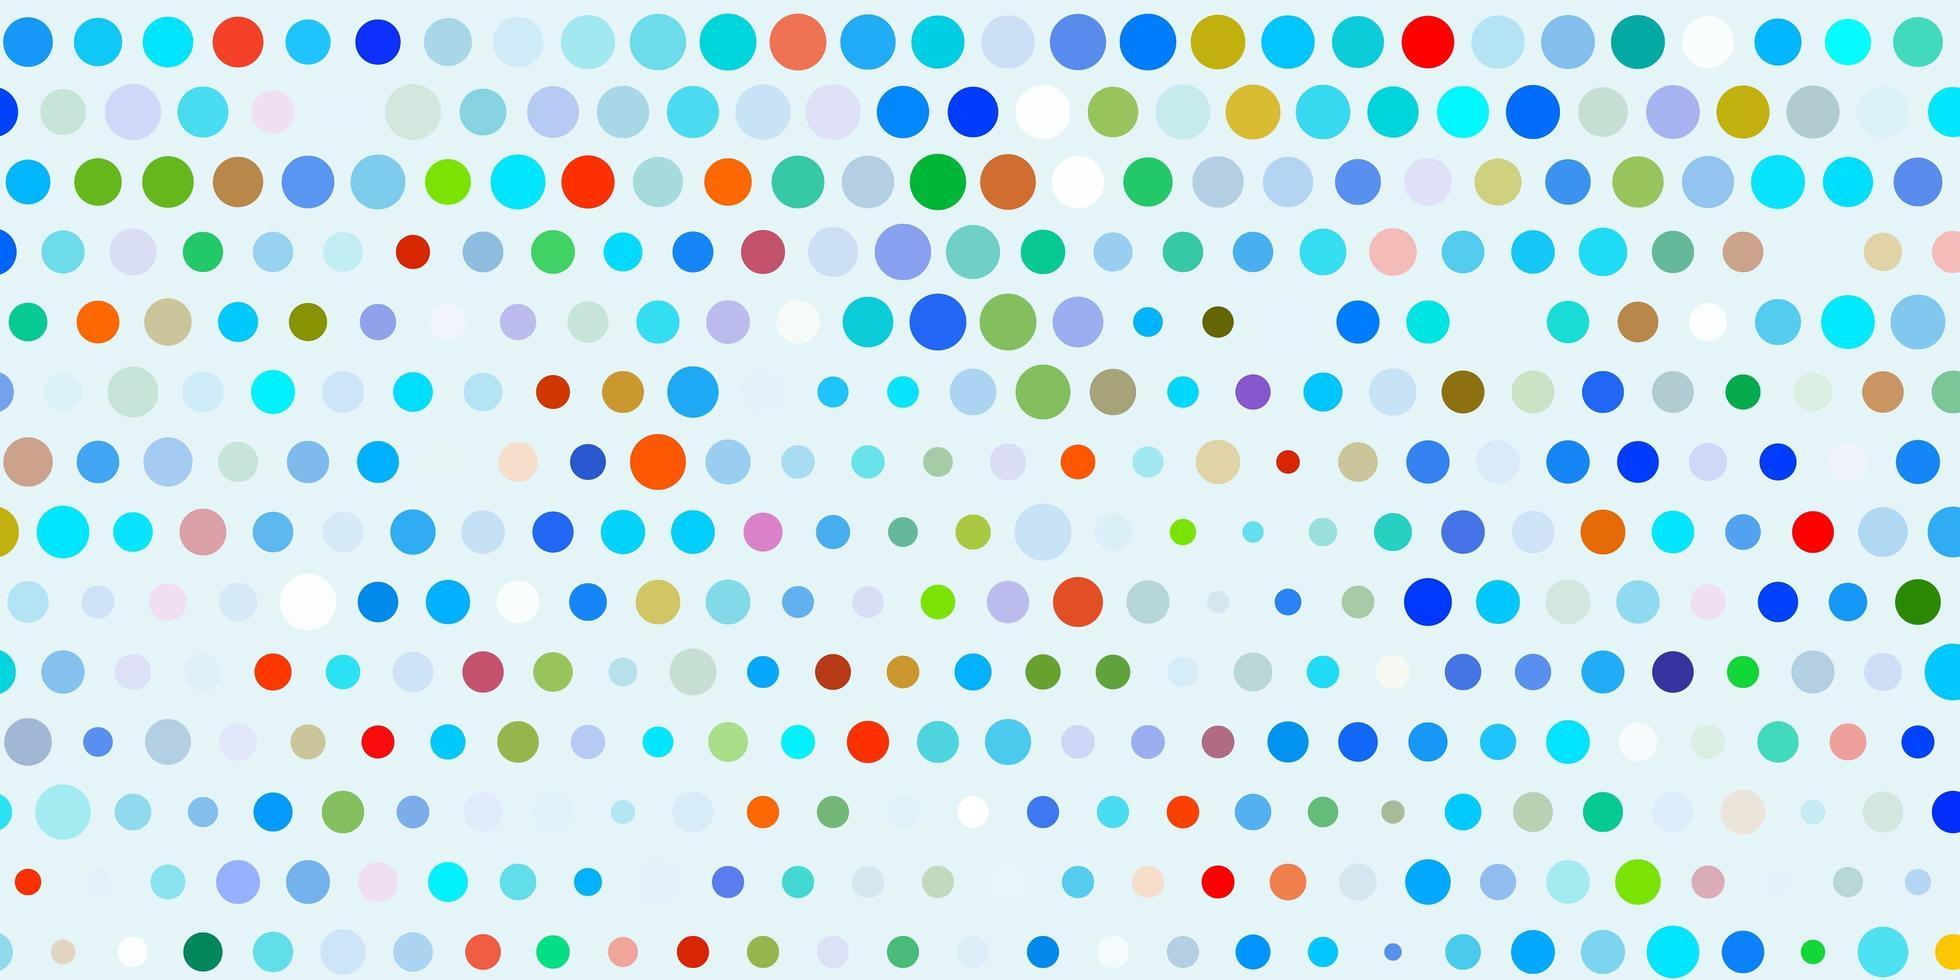 leichte mehrfarbige Vektorschablone mit Kreisen. vektor